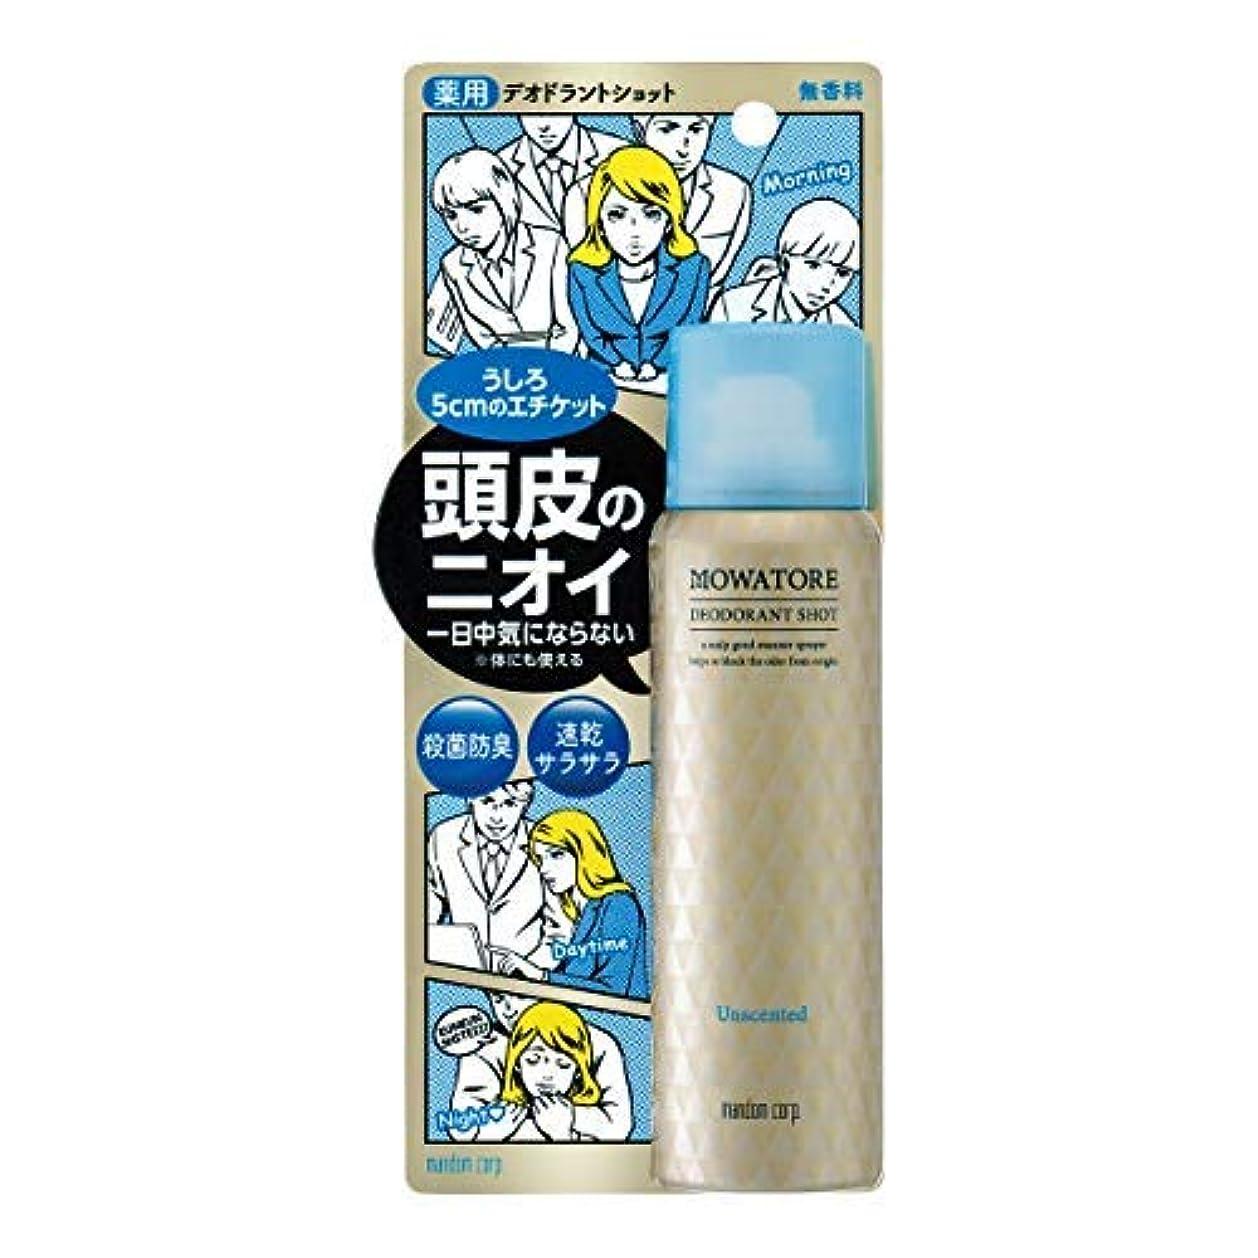 命題草霧深いモワトレ 薬用デオドラントショット 無香料 (医薬部外品) × 3個セット